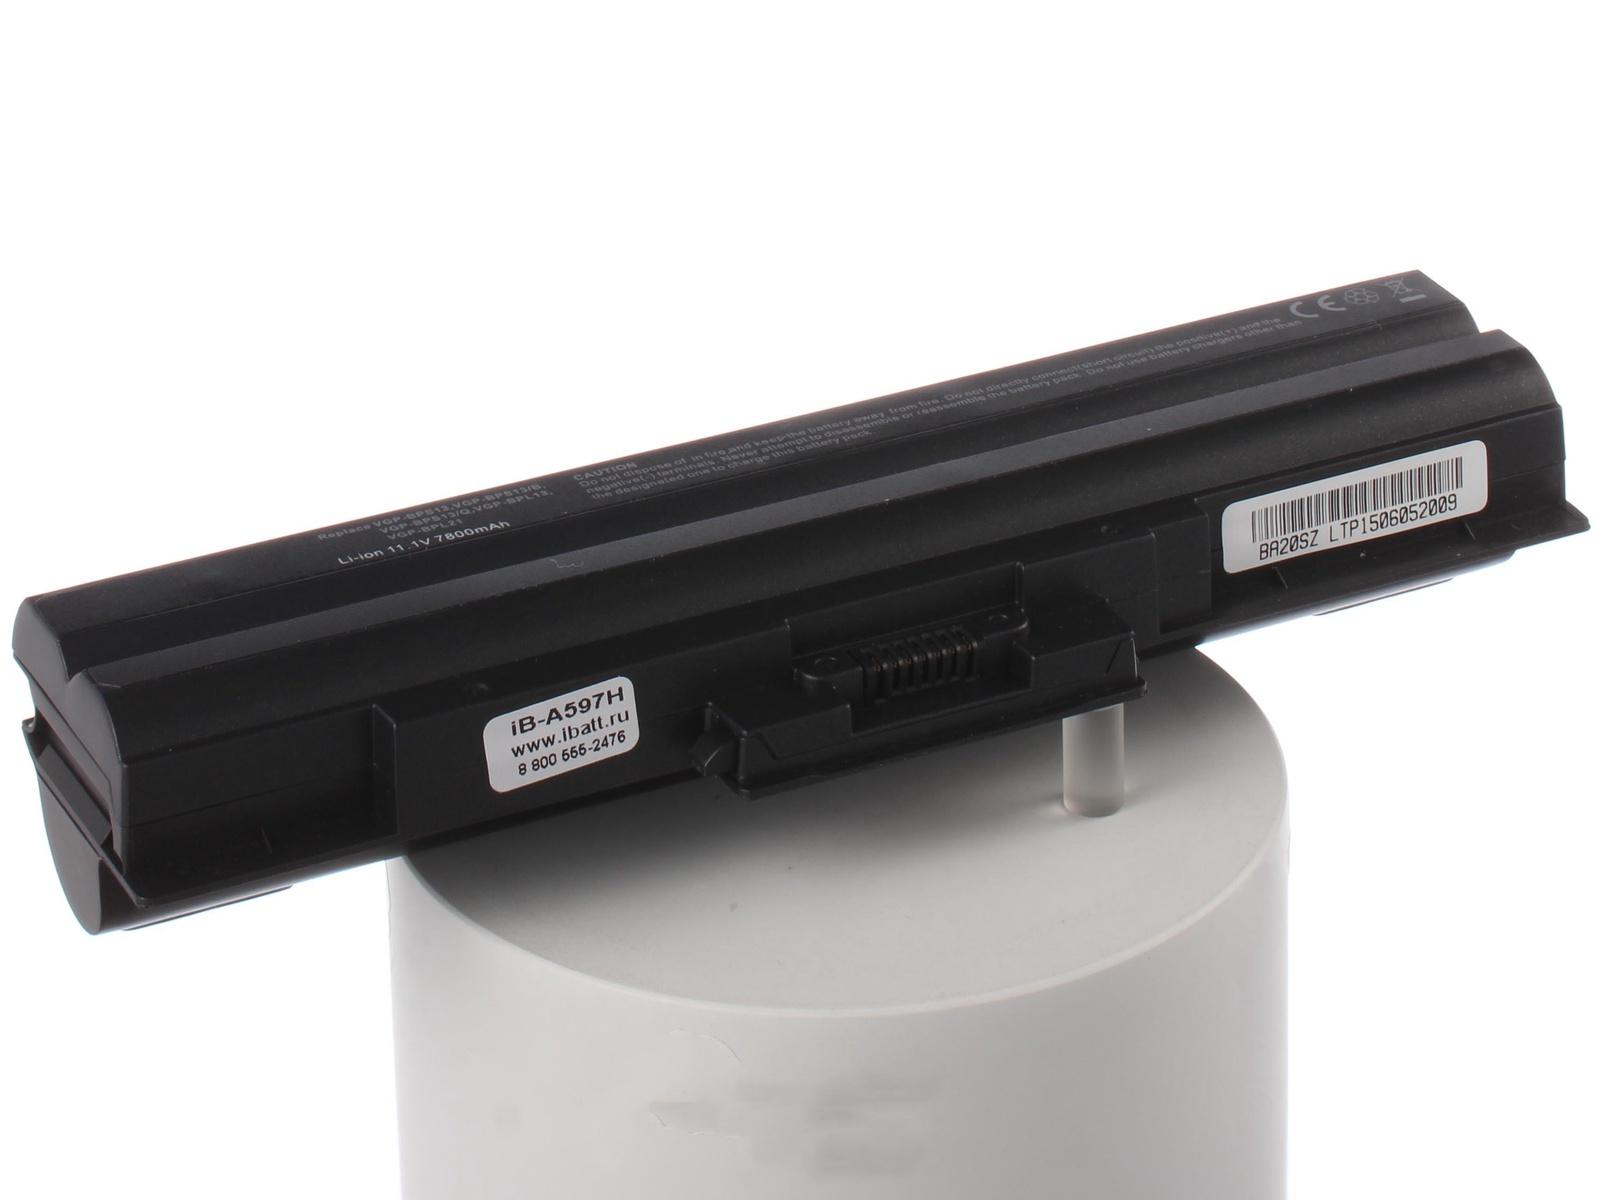 Аккумулятор для ноутбука iBatt Sony VGP-BPS13, VGP-BPS13A, VGP-BPS21, VGP-BPS21A, VGP-BPL13, VGP-BPL21, VGP-BPS13B комплектующие и запчасти для ноутбуков sony sve151c11t sve151c11m sve151d12t